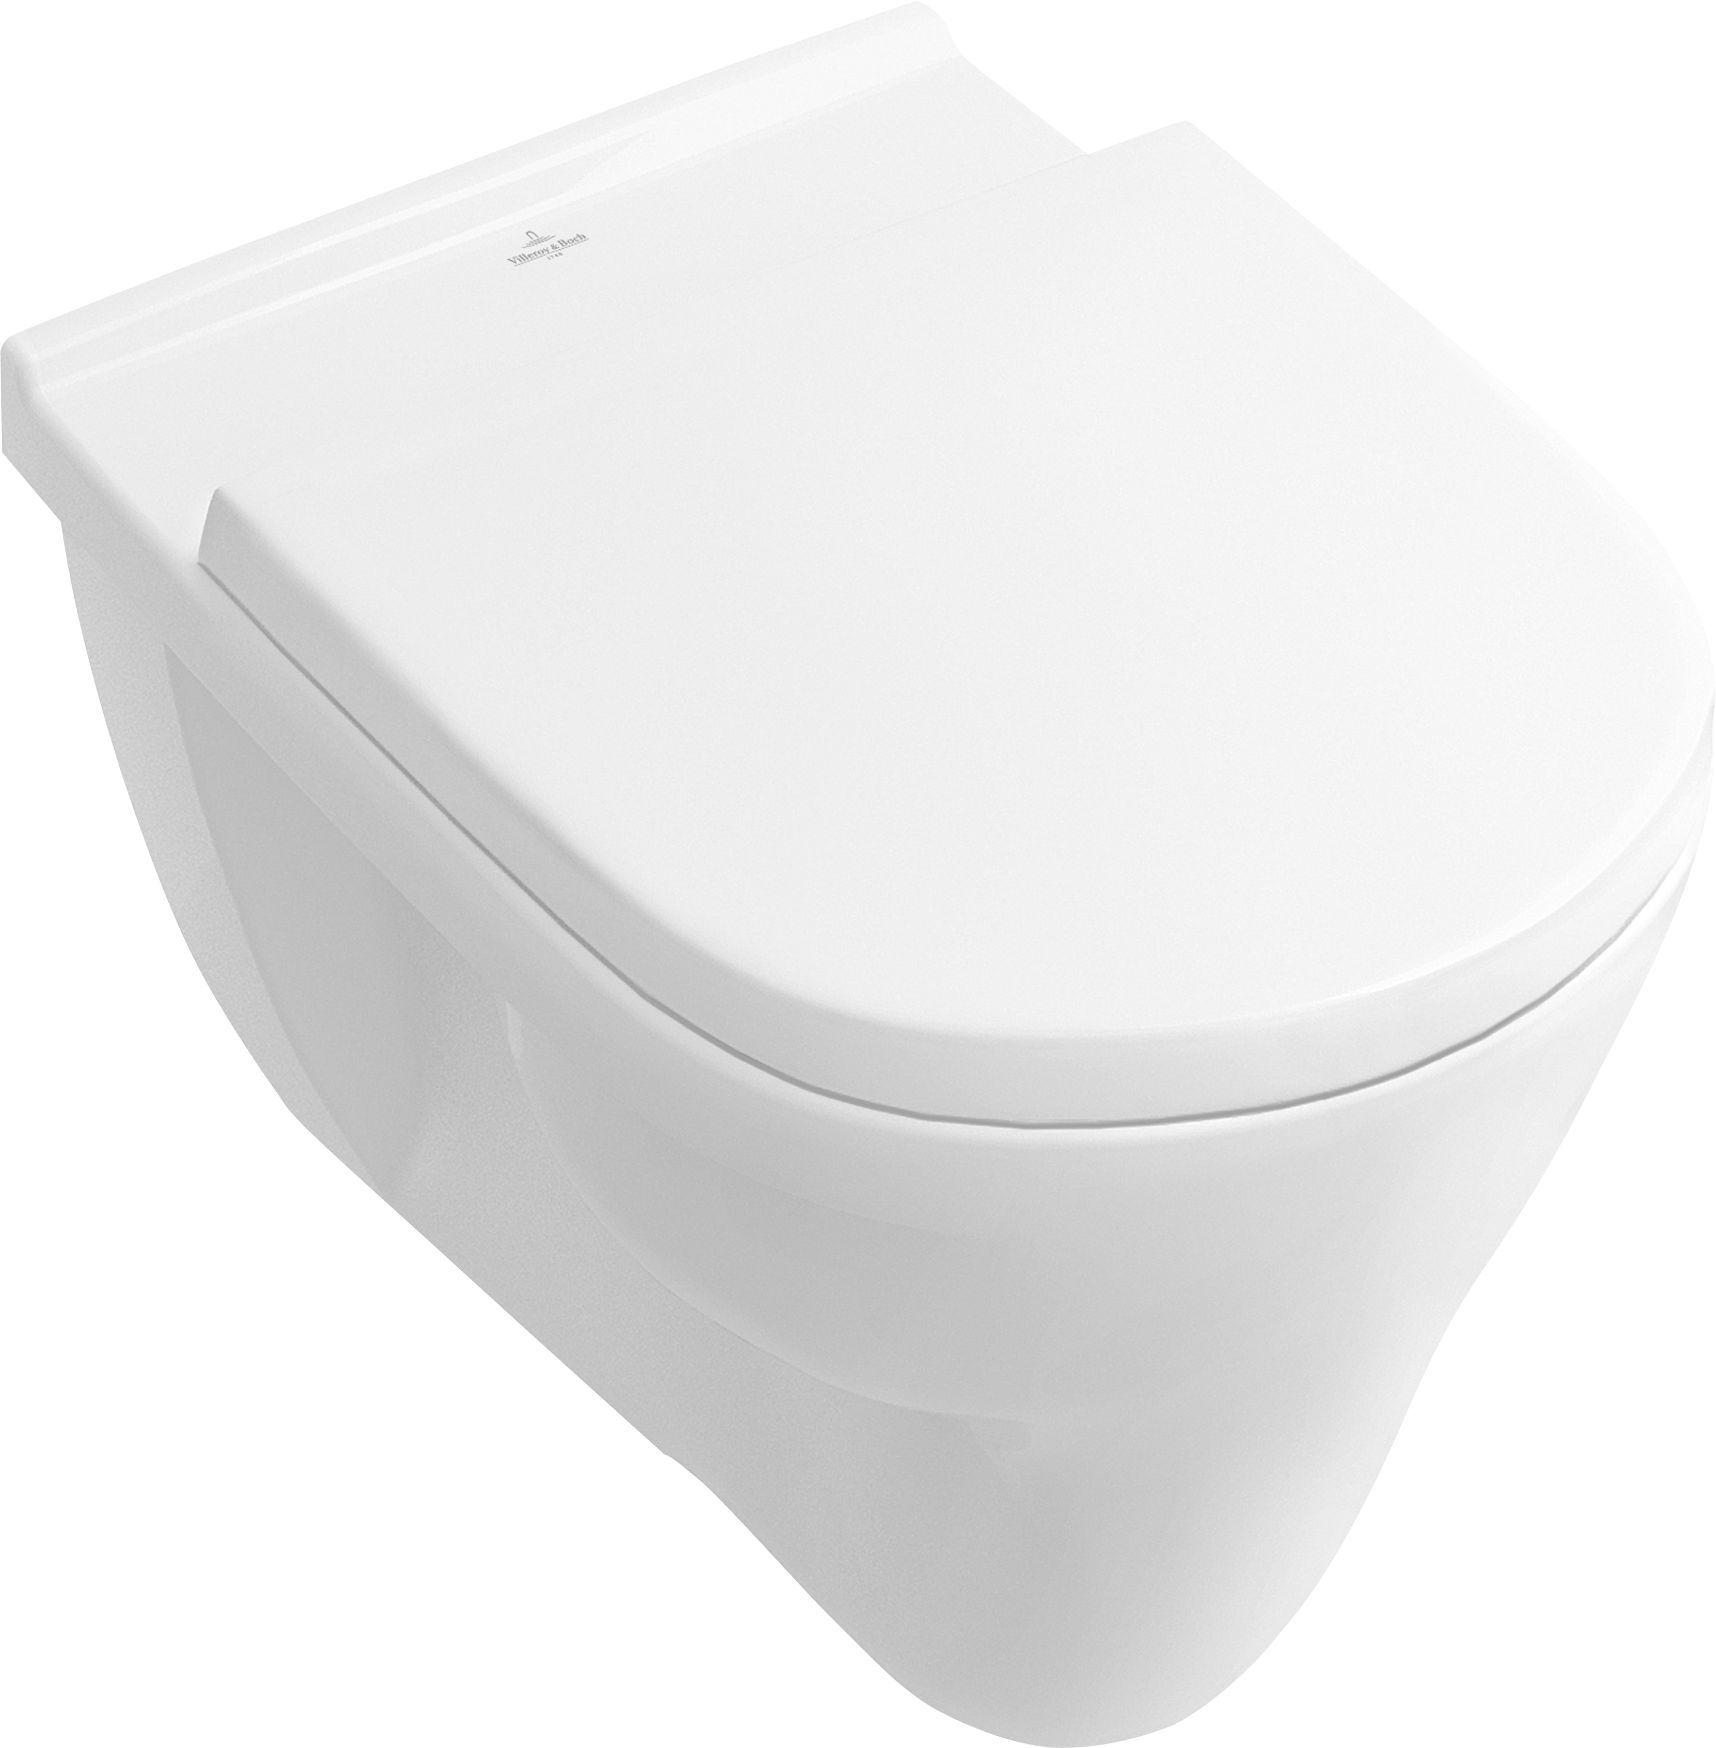 Villeroy & Boch O.novo Flachspül-Wand-WC L:56xB:36cm Weiß Alpin mit Ceramicplus 566210R1